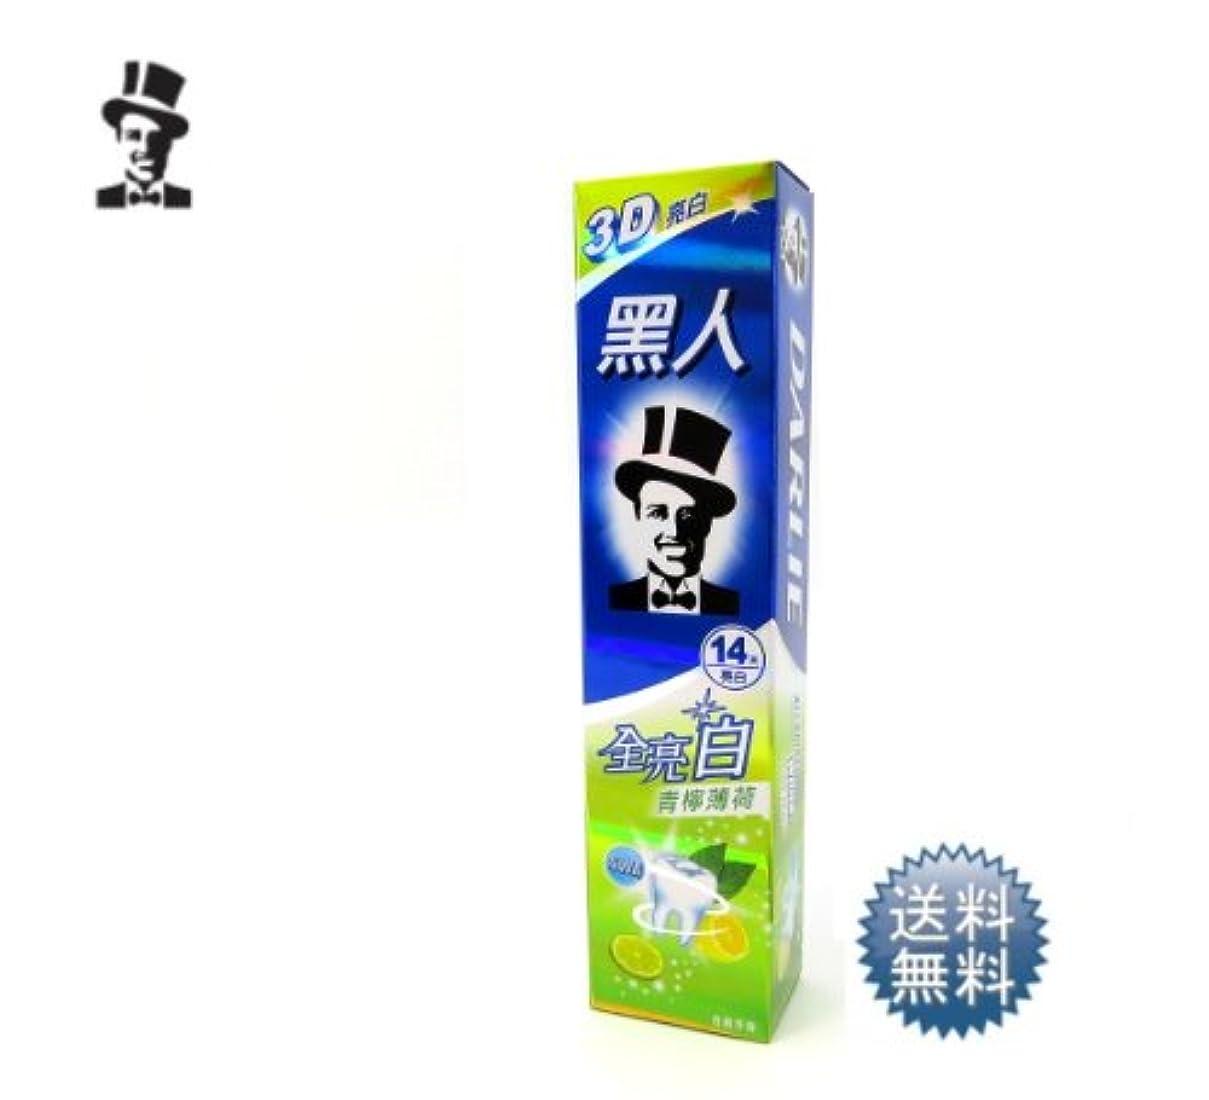 余暇鼻典型的な台湾 黒人 歯磨き 全亮白 青檸薄荷 140g